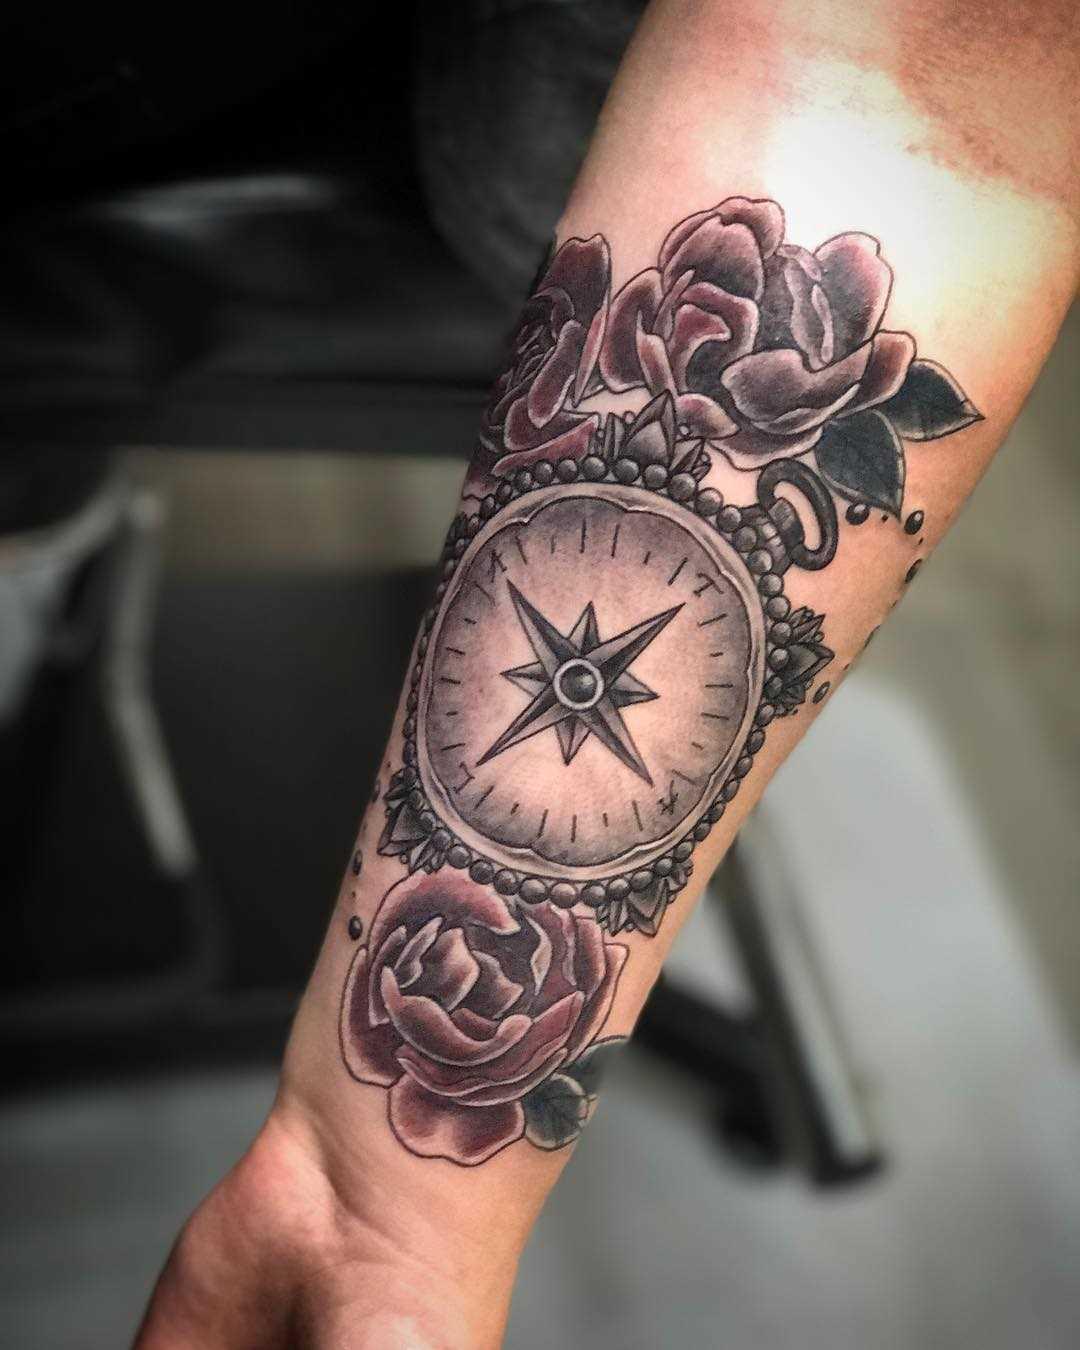 A tatuagem de compasso com as rosas no antebraço da mulher